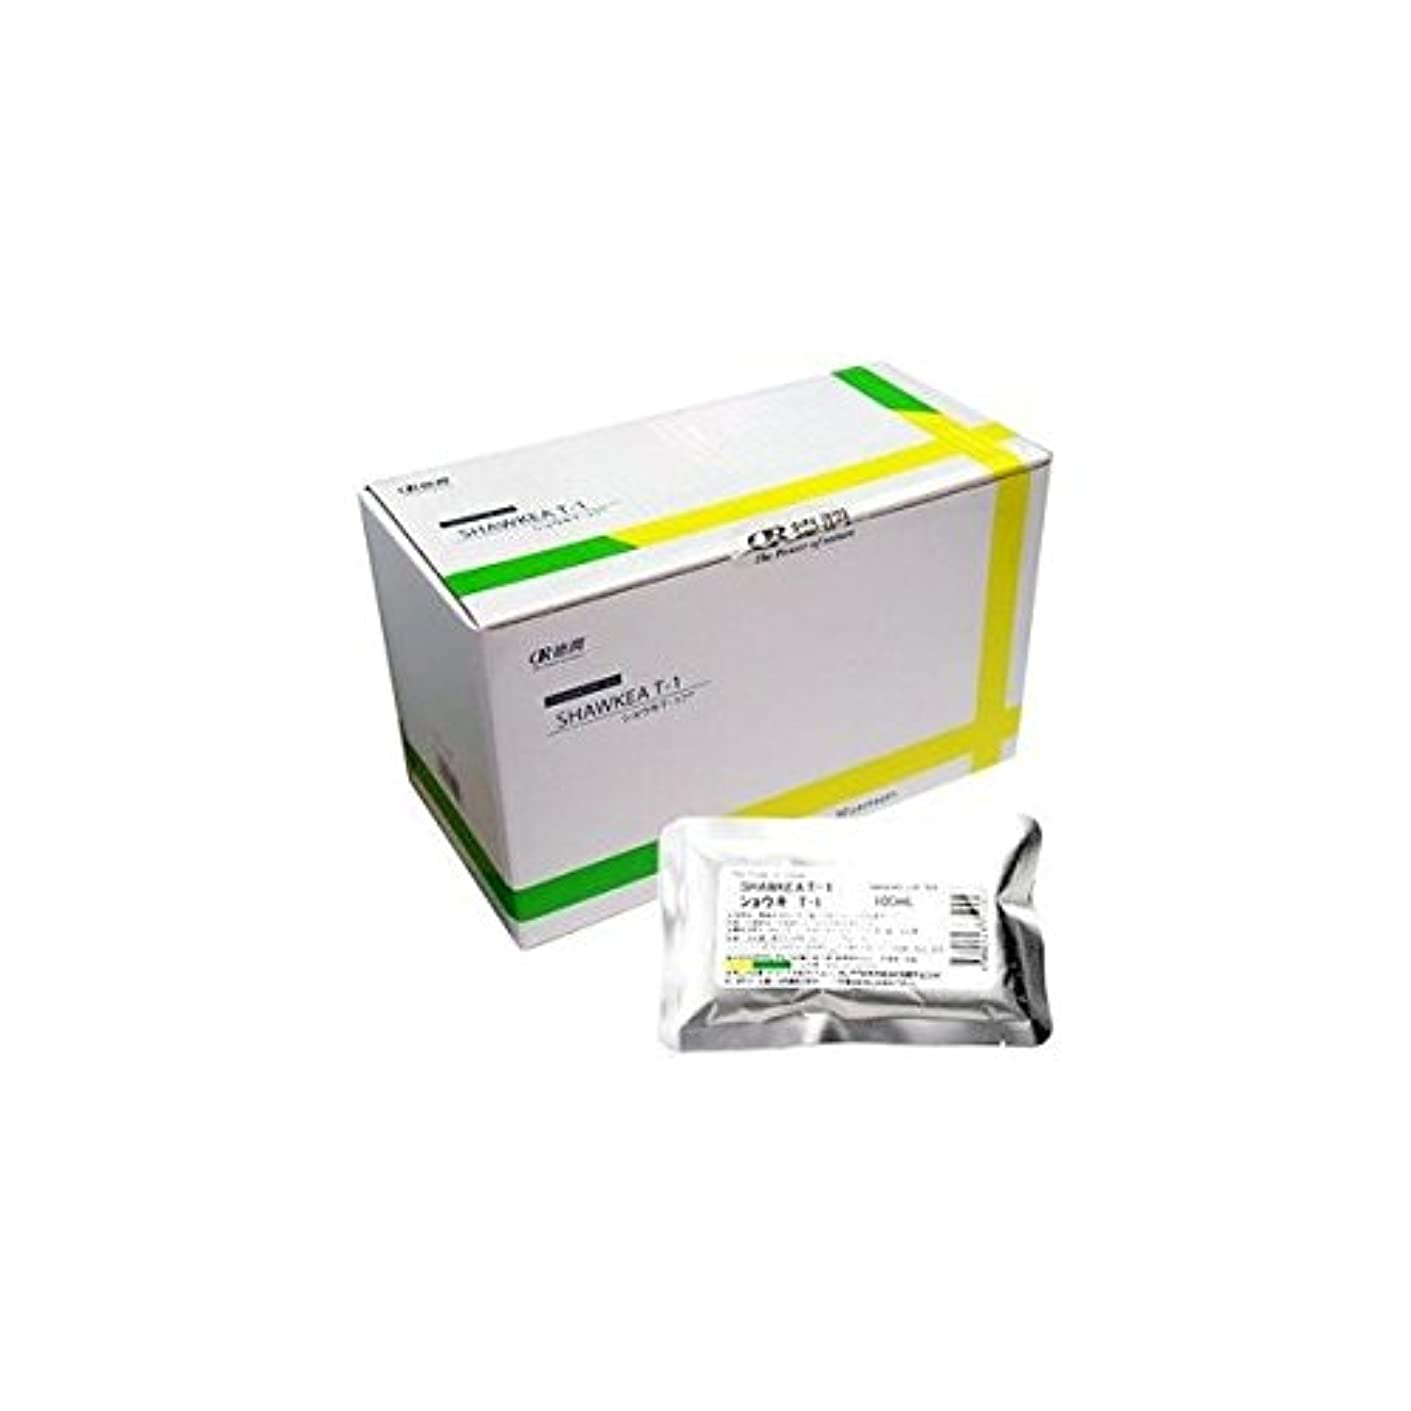 電気技師予定ピュー【P&G】ウエラトーン ツープラスワン(2+1) クリーム 6G(60g+60gl+7.3ml) (医薬部外品)(お買い得3個セット)